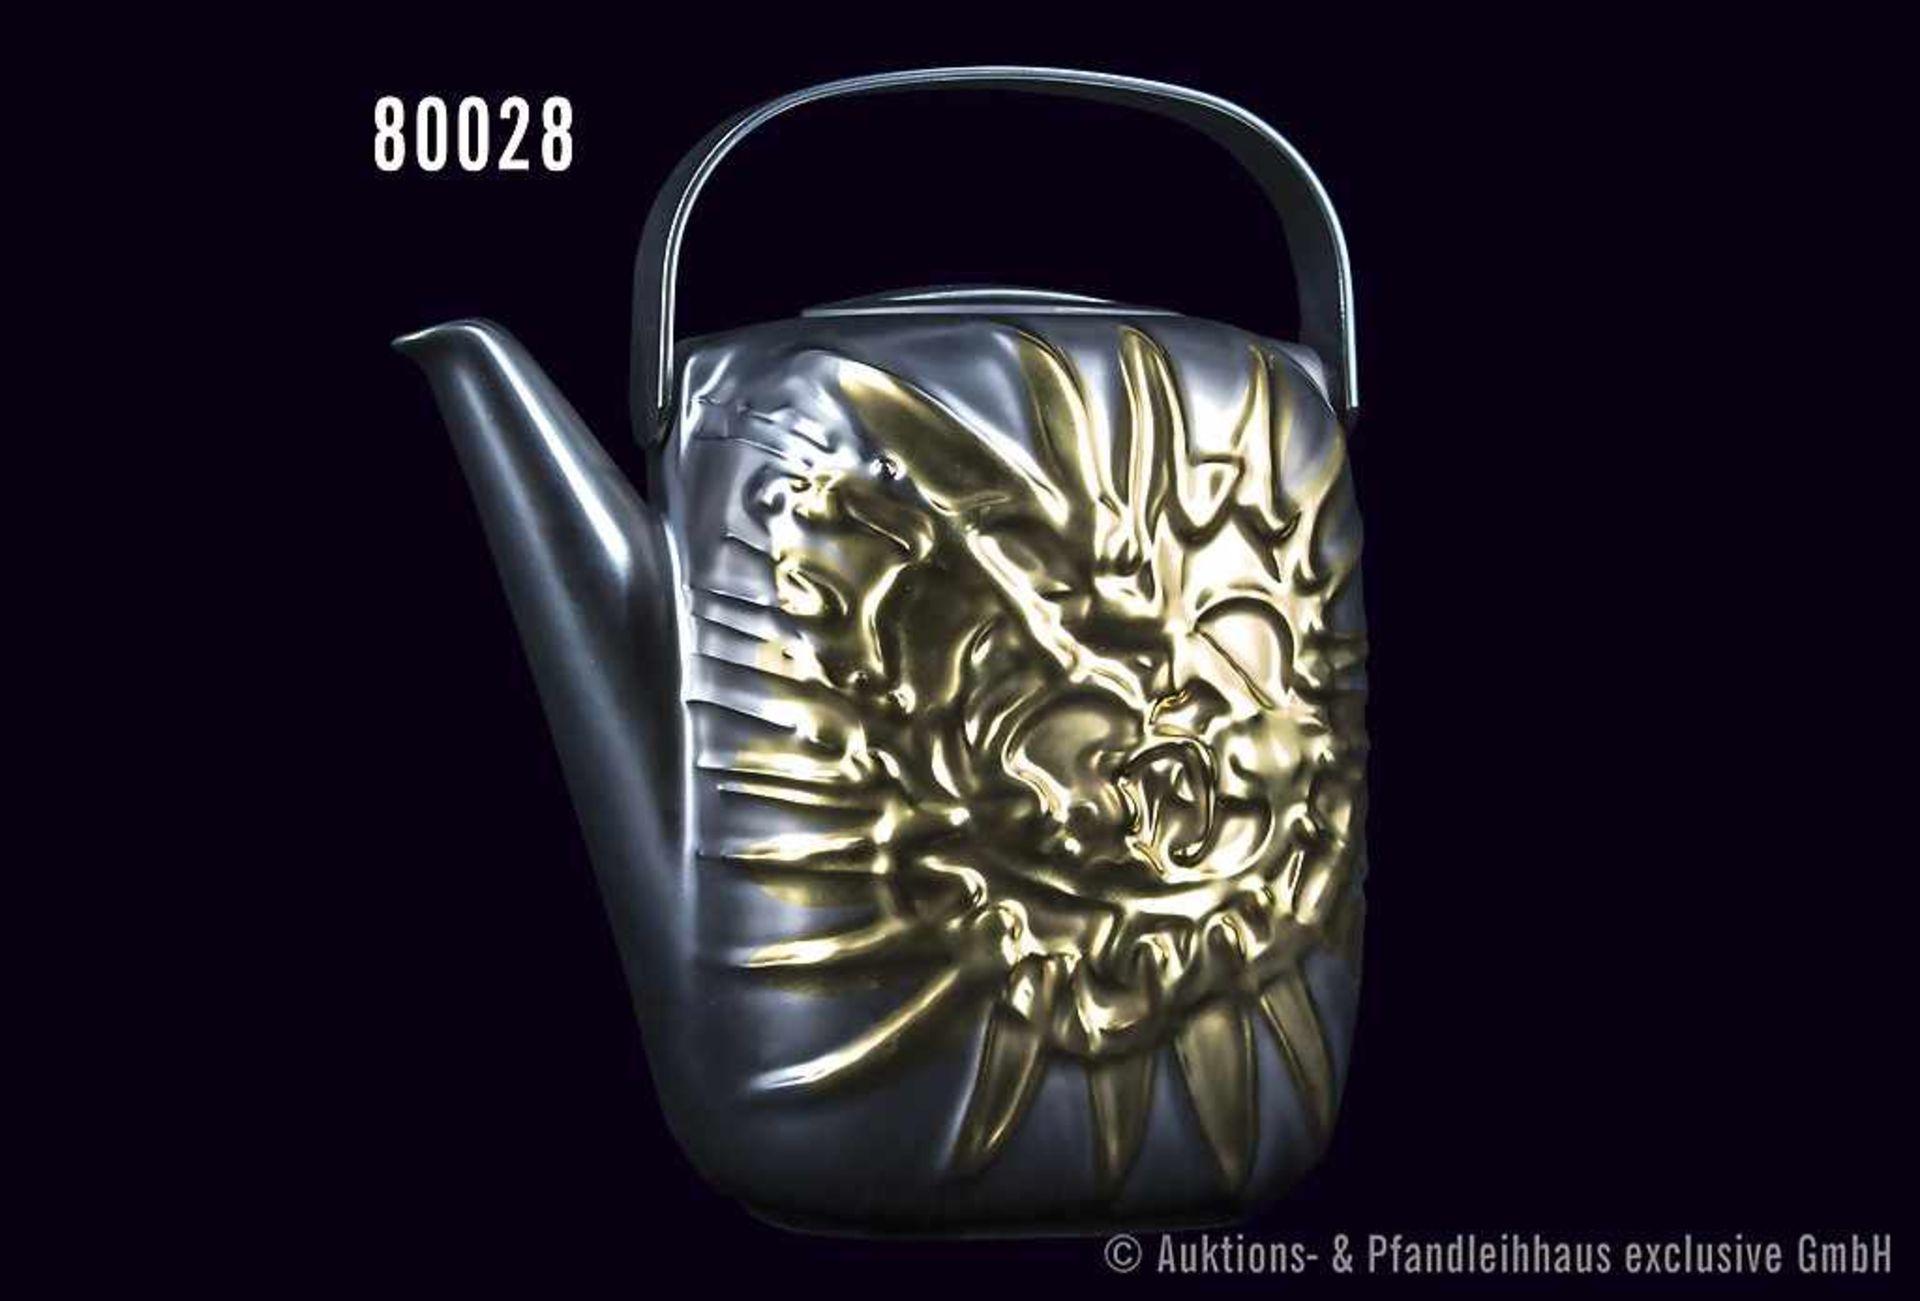 Rosenthal Porzellan, Suomiobjekt Kaffeekanne, Dekor Piene Weißgold, limitierte Kunstreihen, Nr.